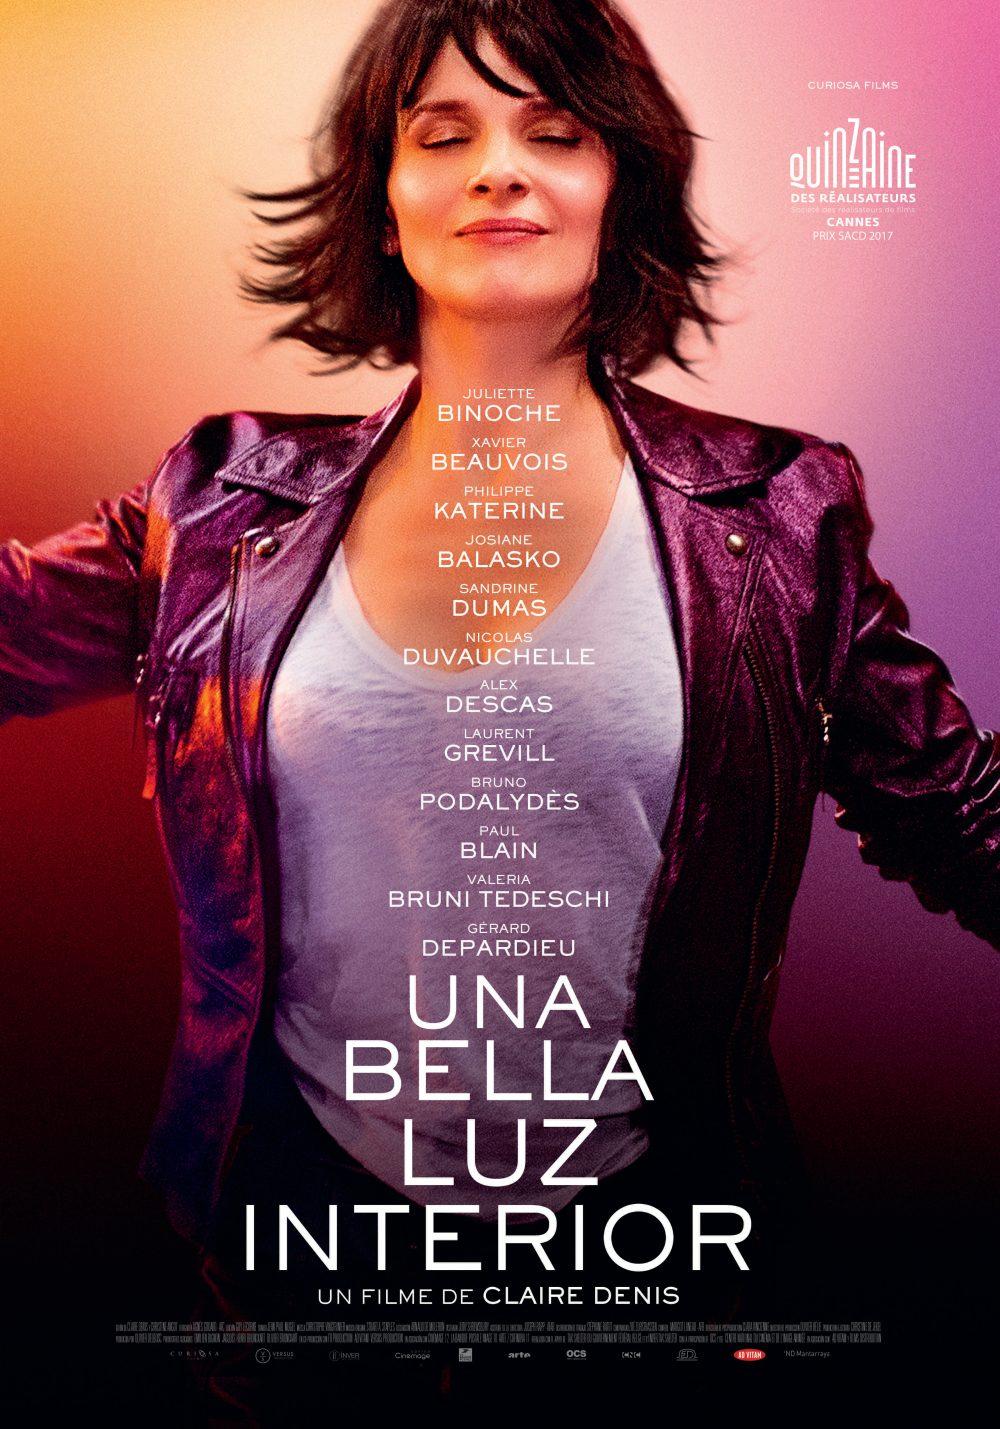 """Dirigida por la francesa Claire Denis llega a cines erciales su más reciente pelcula """"Una bella luz interior"""" Basada de manera muy sutil en """""""